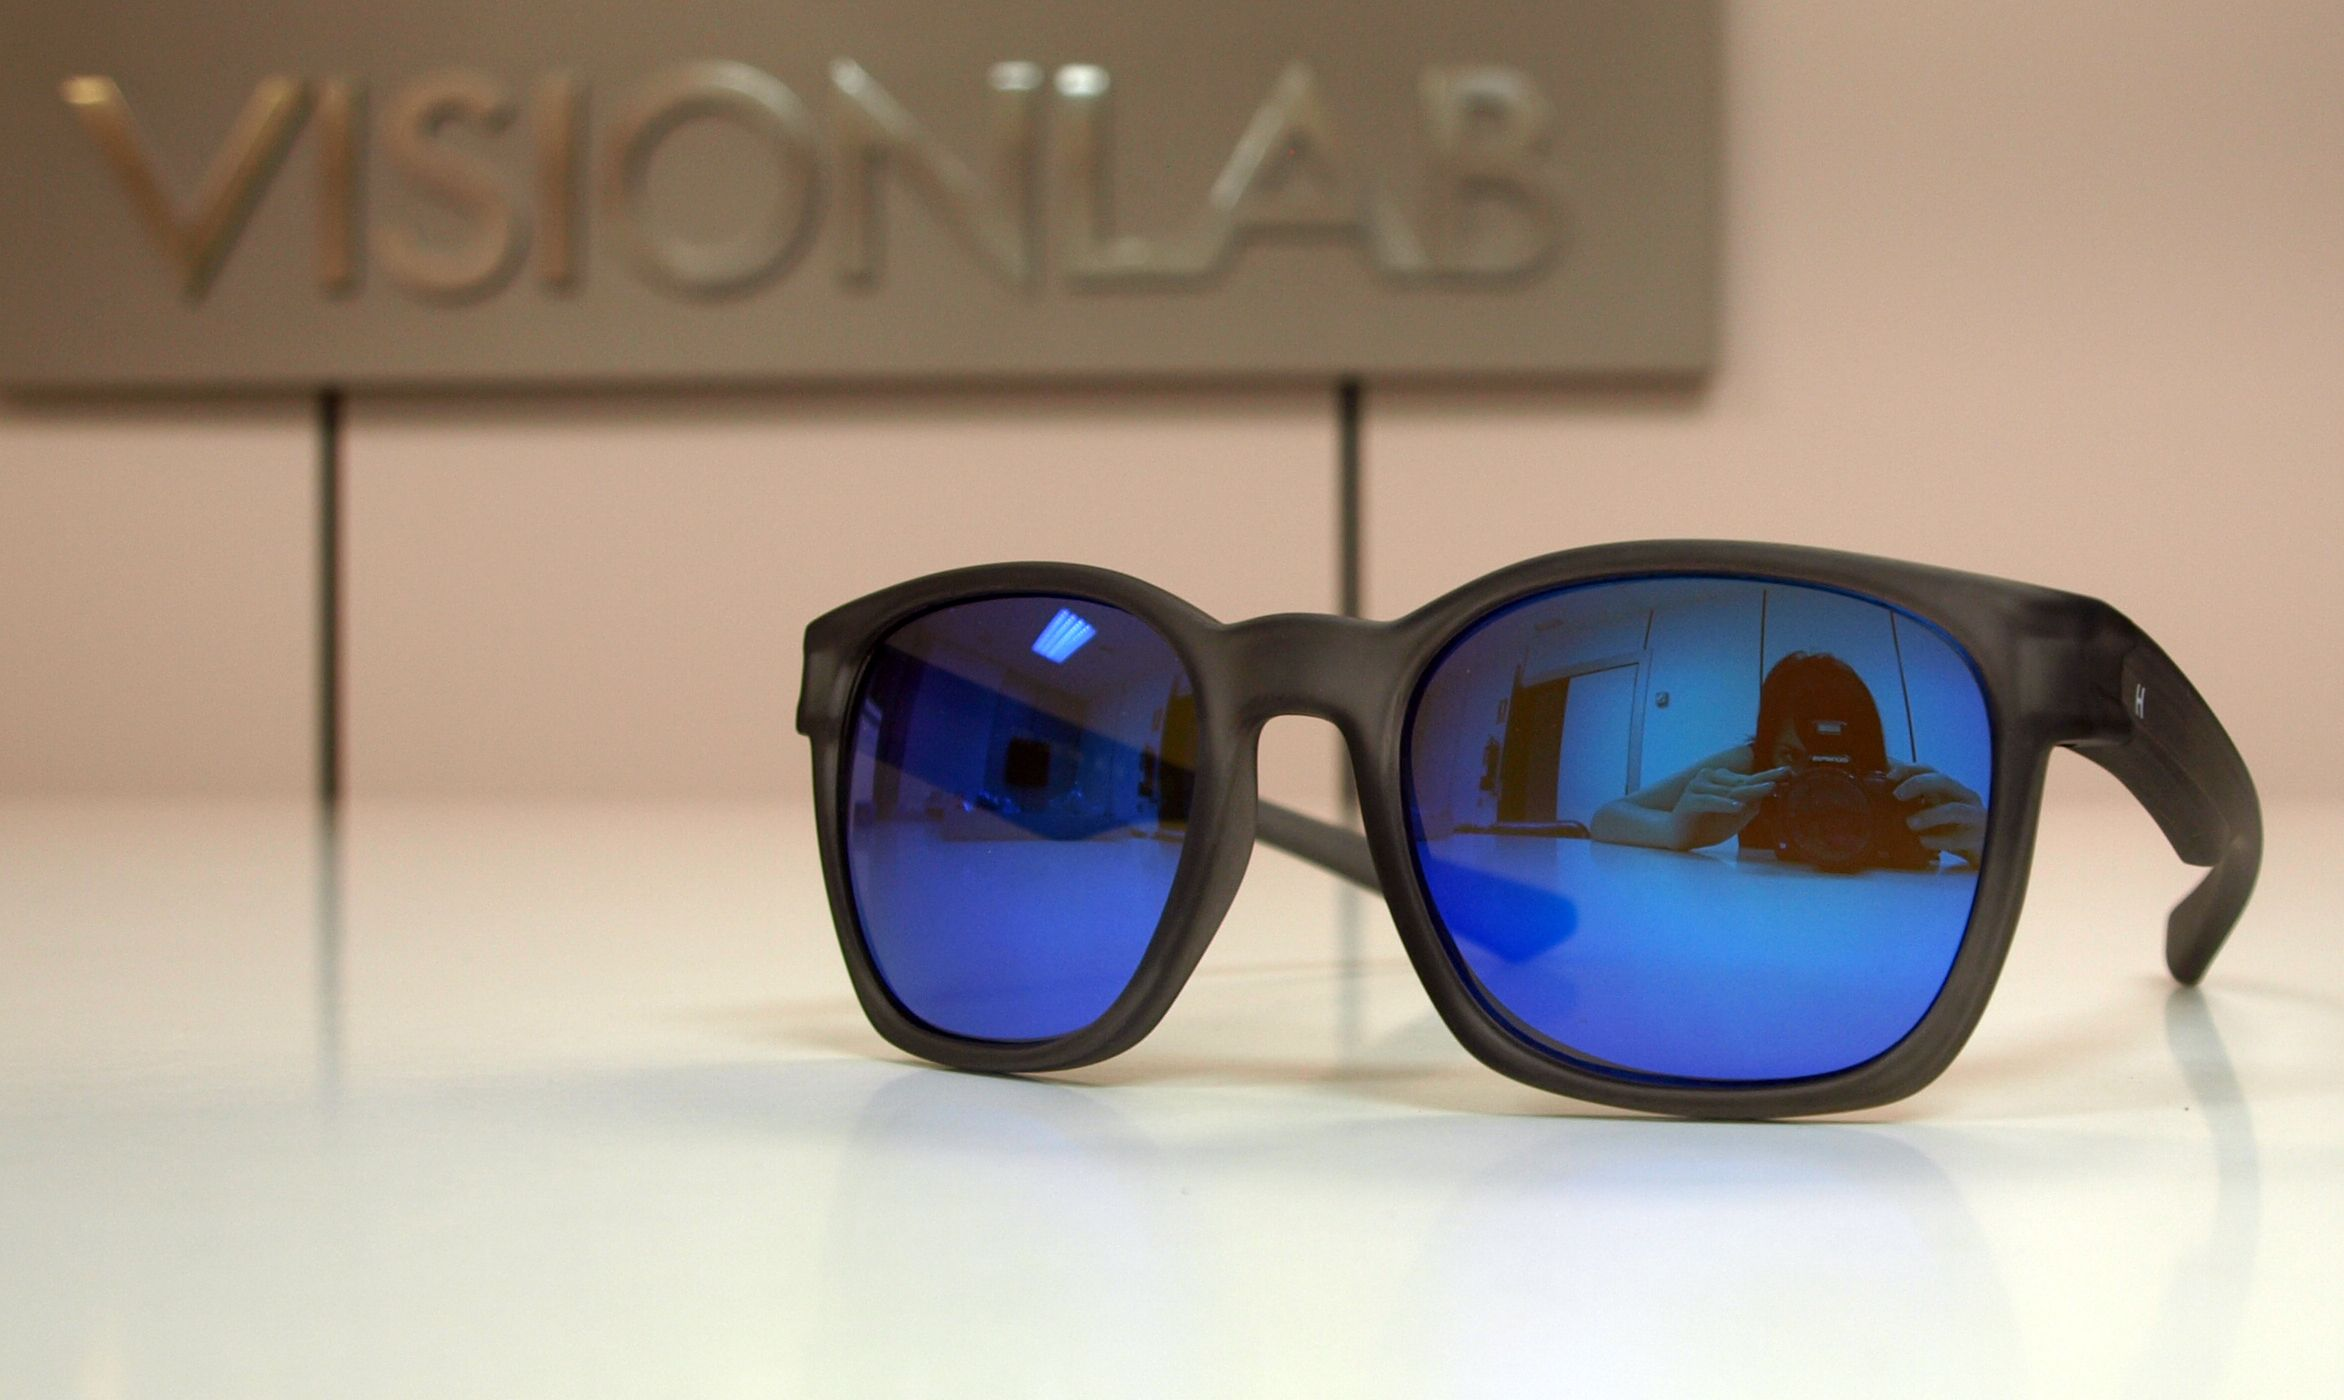 Gafas de sol Hevian montura negra http://www.visionlab.es ...